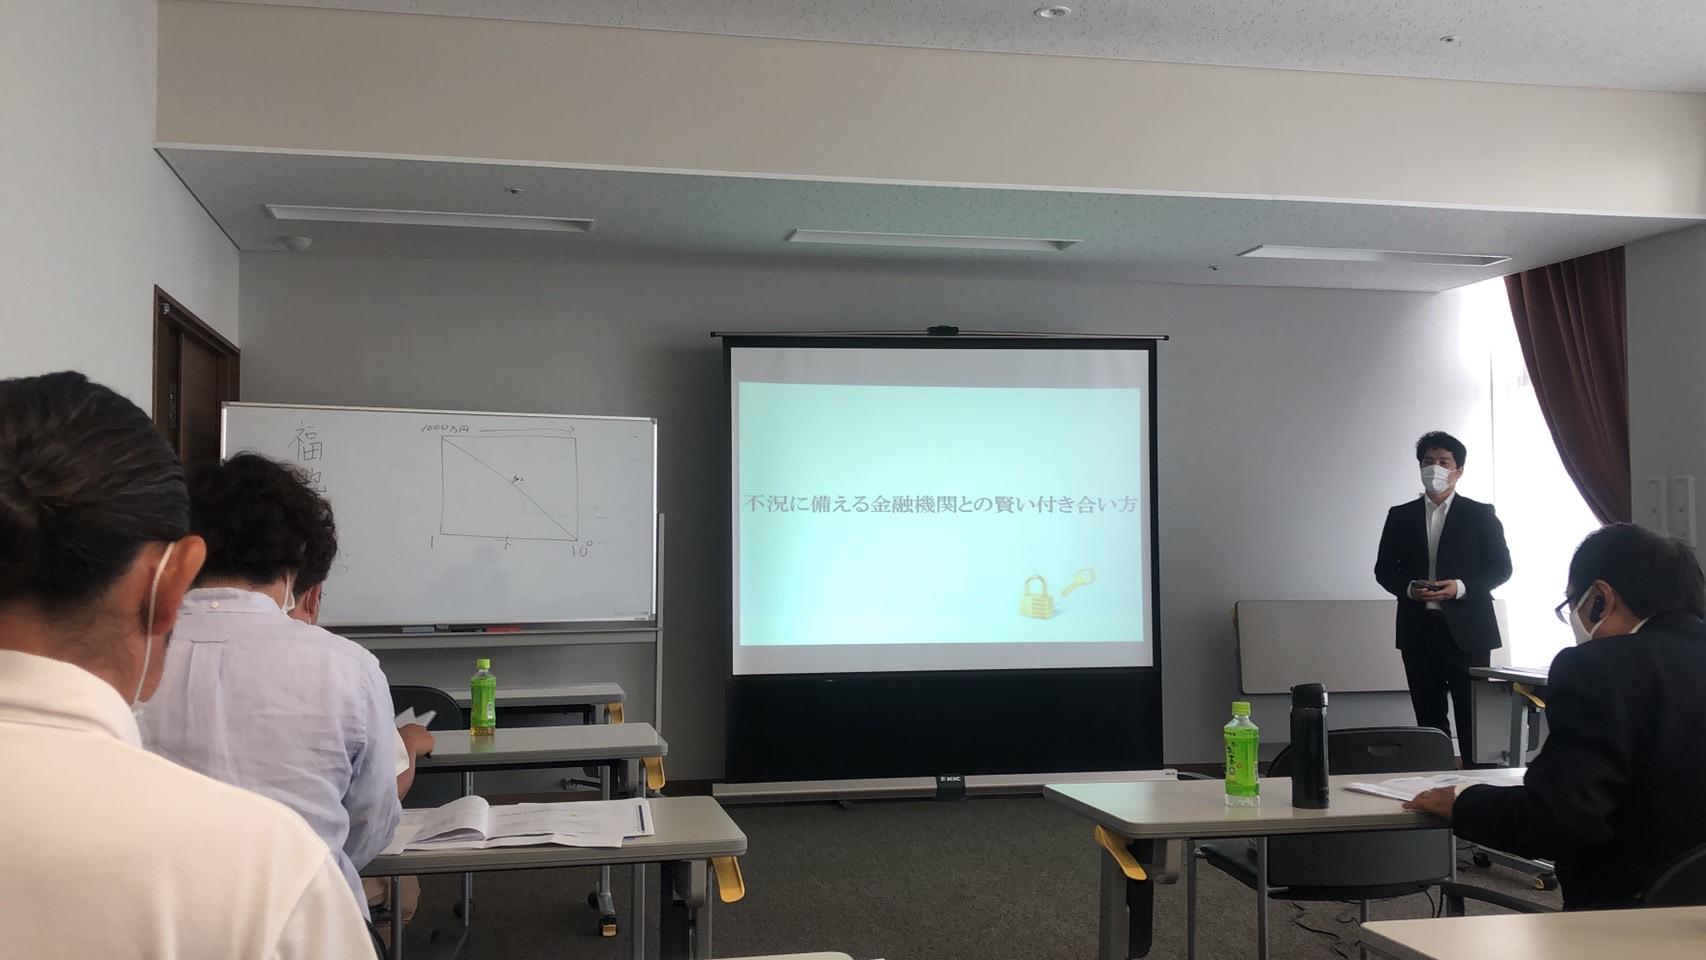 【台東区民会館】経営者向け財務セミナー終了